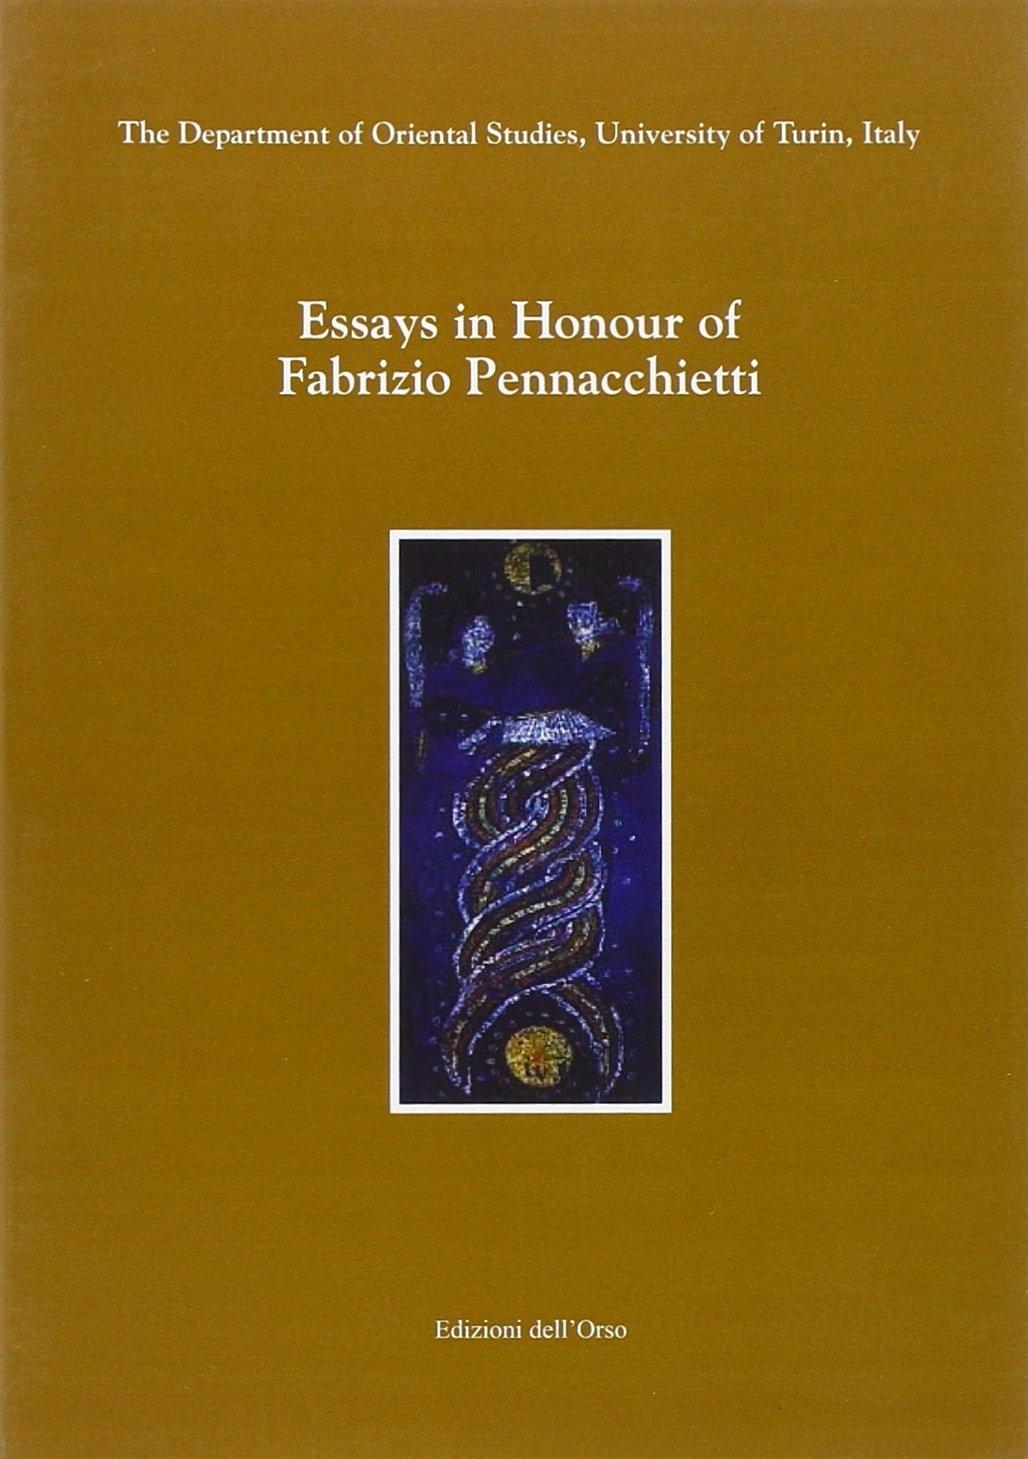 Essays in honour of Fabrizio Pennacchietti.